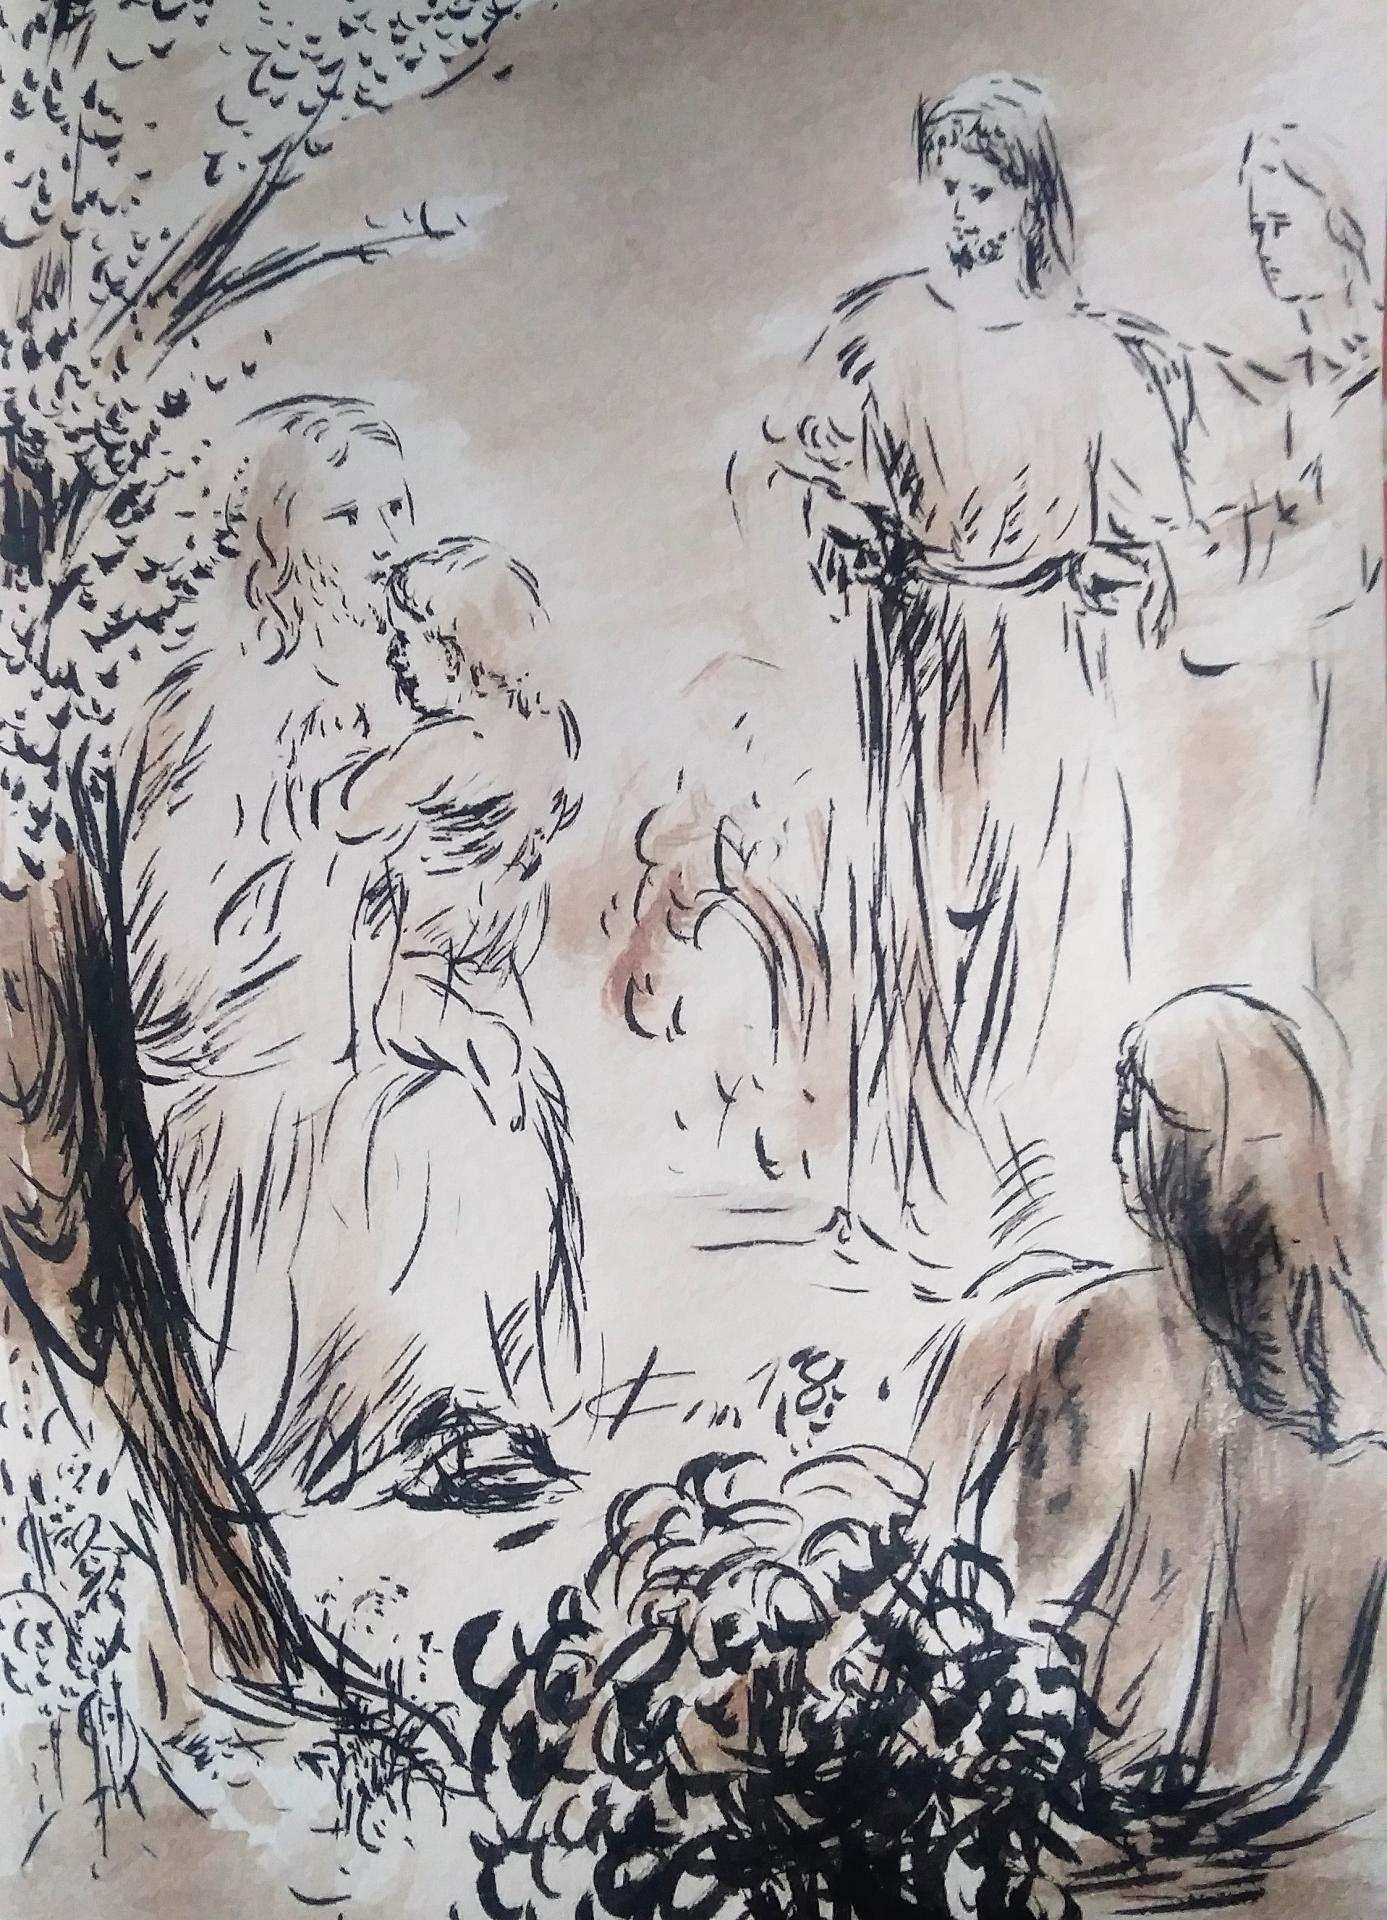 22 Mai 2018, évangile du jour illustré par un dessin au lavis